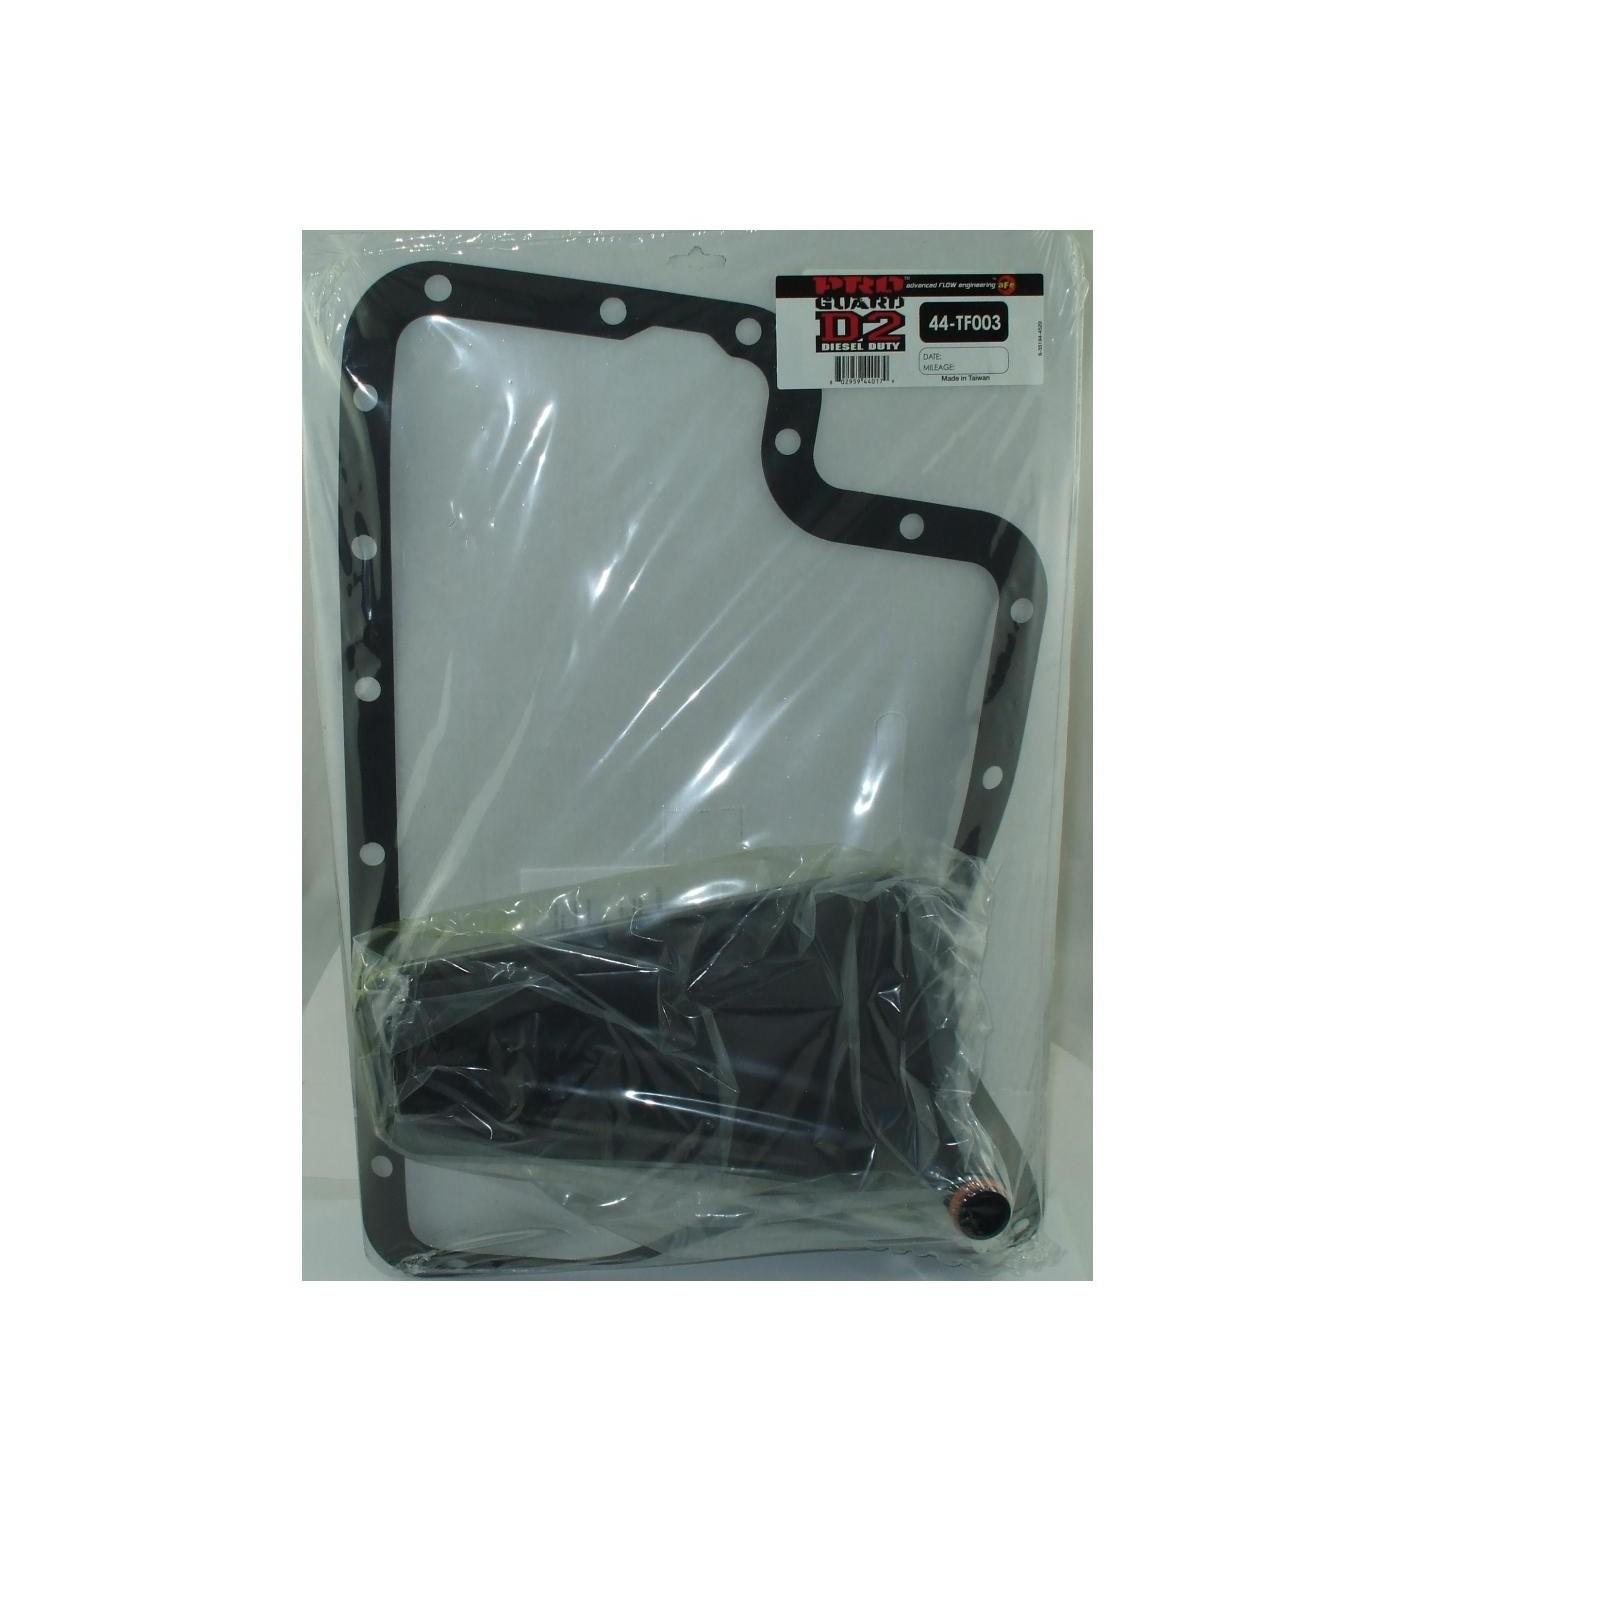 aFe POWER 44-TF003 Pro GUARD D2 Transmission Fluid Filter